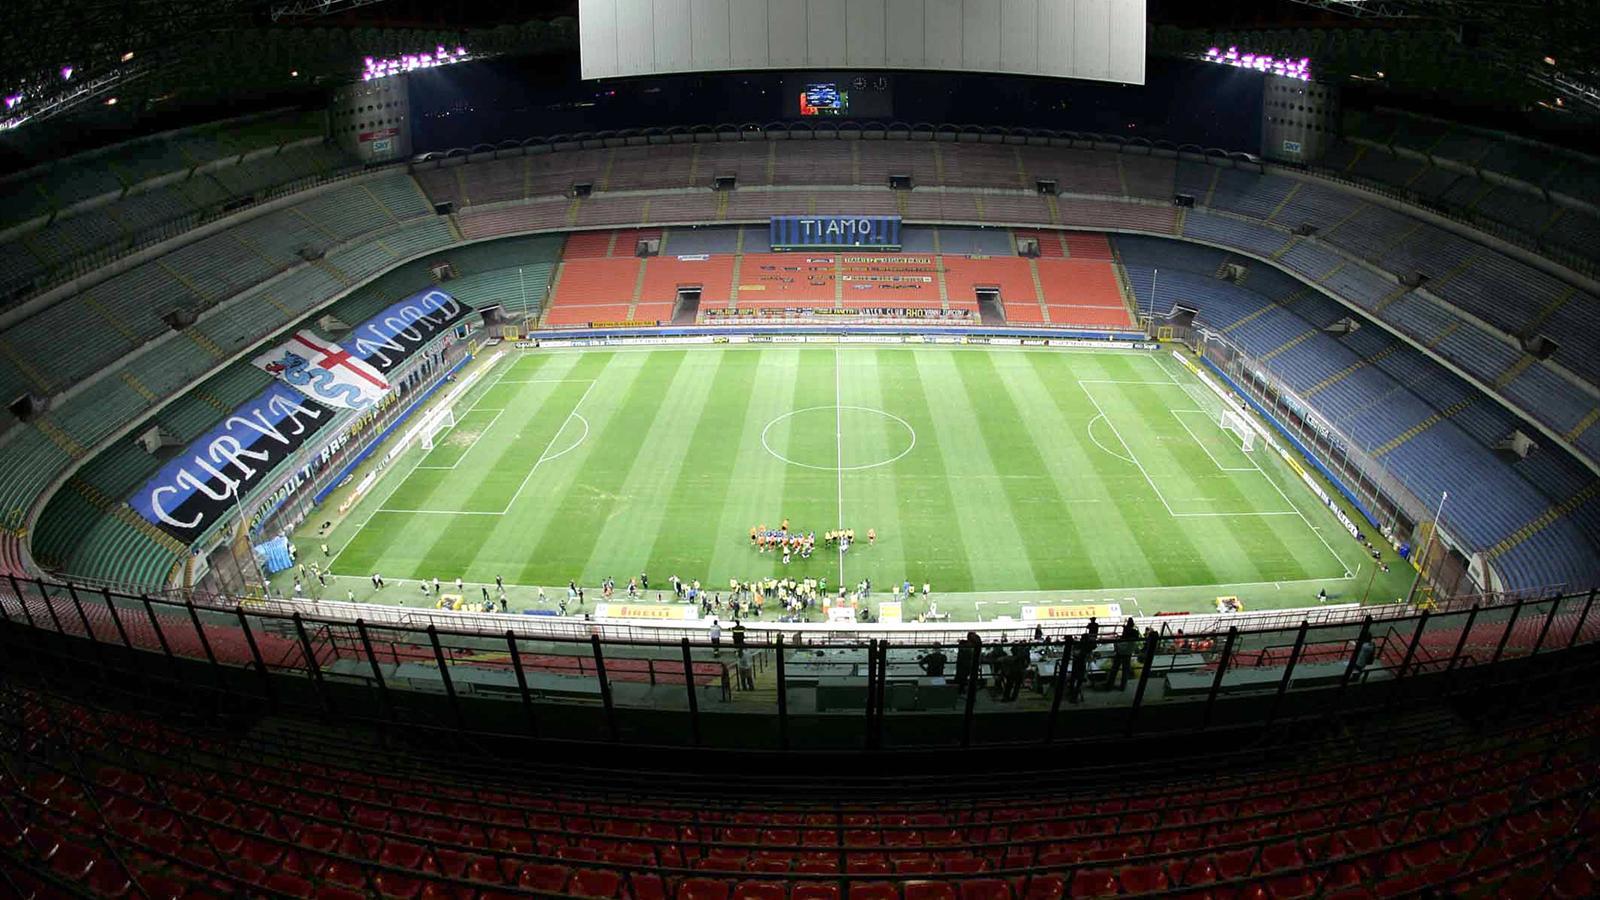 EN DIRECT / LIVE. Inter Milan - Fiorentina - Serie A - 26 septembre 2020 - Eurosport